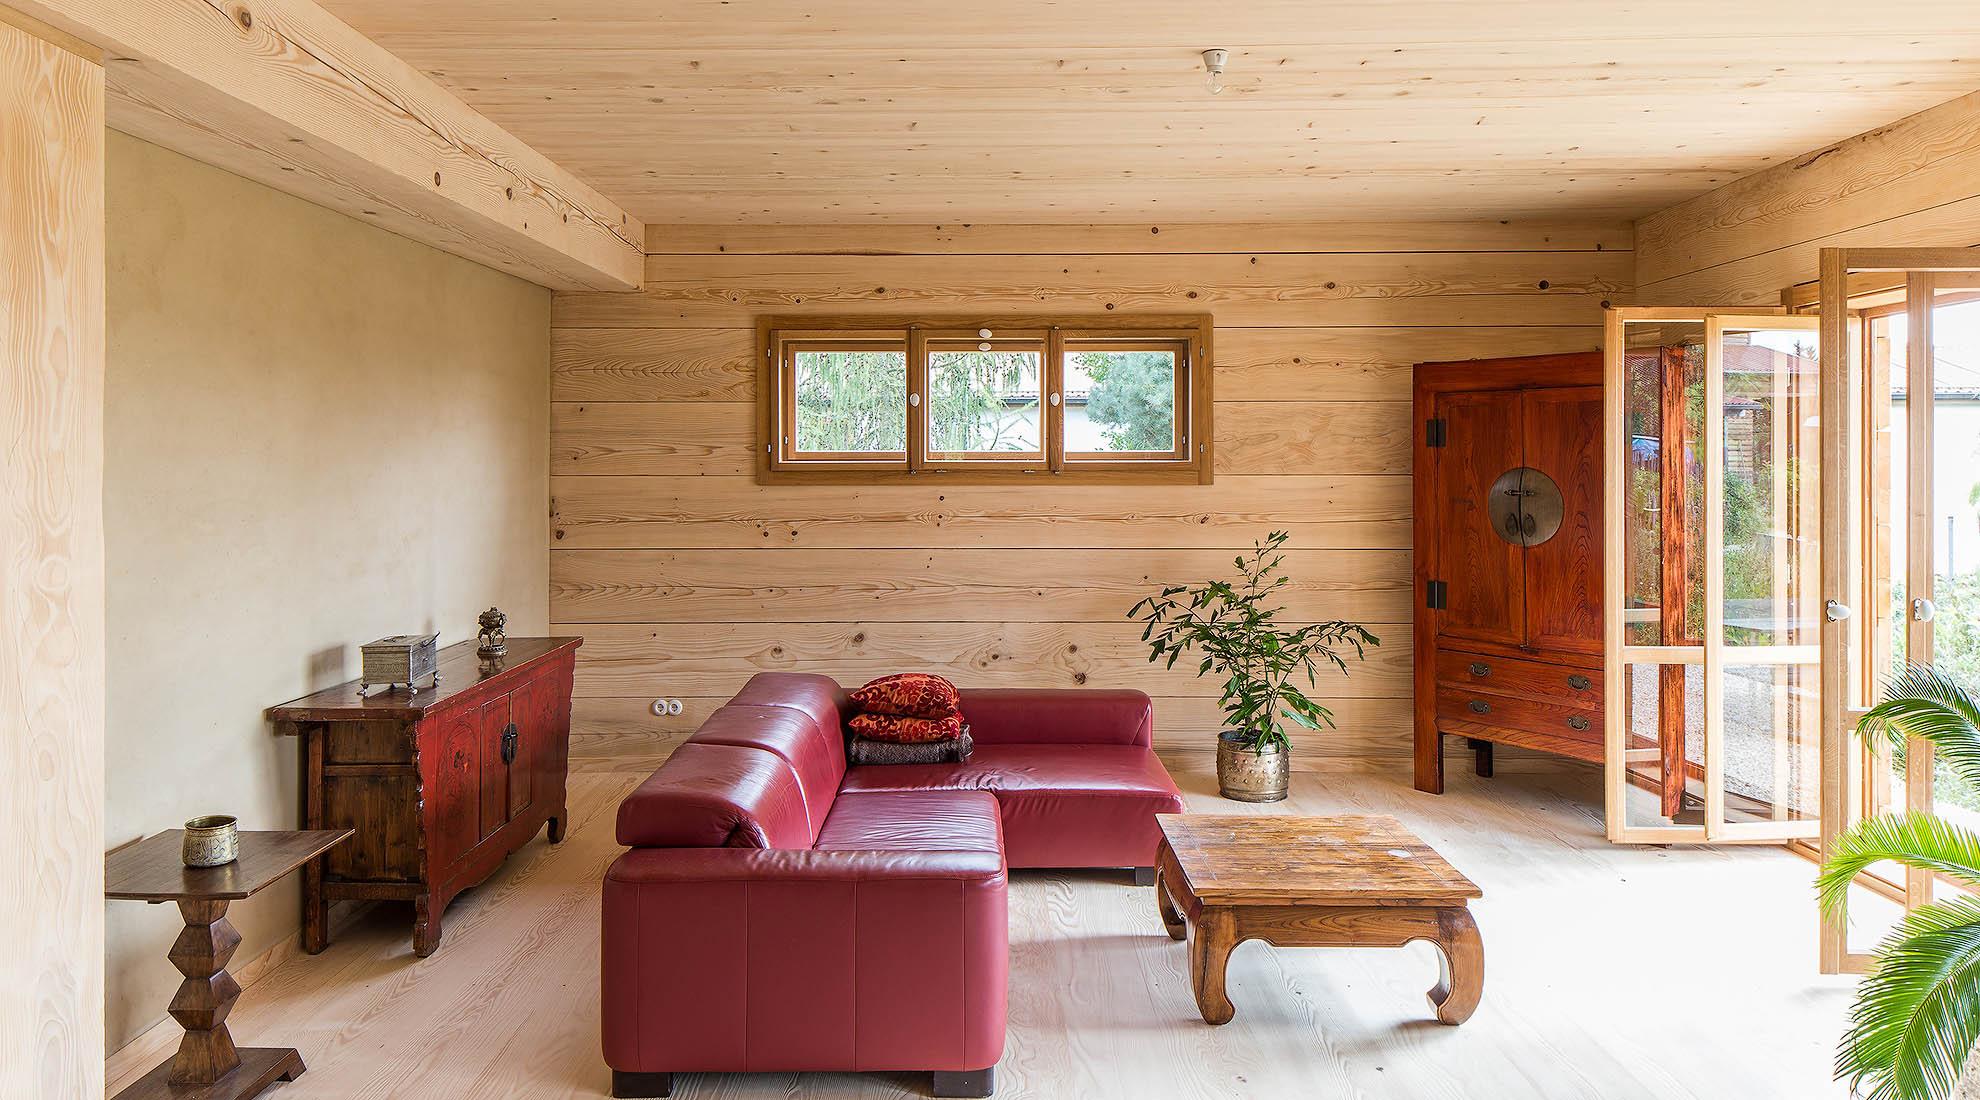 holzhaus und blockhaus gesundes bauen mit holz lehm und stein duffner blockbau. Black Bedroom Furniture Sets. Home Design Ideas